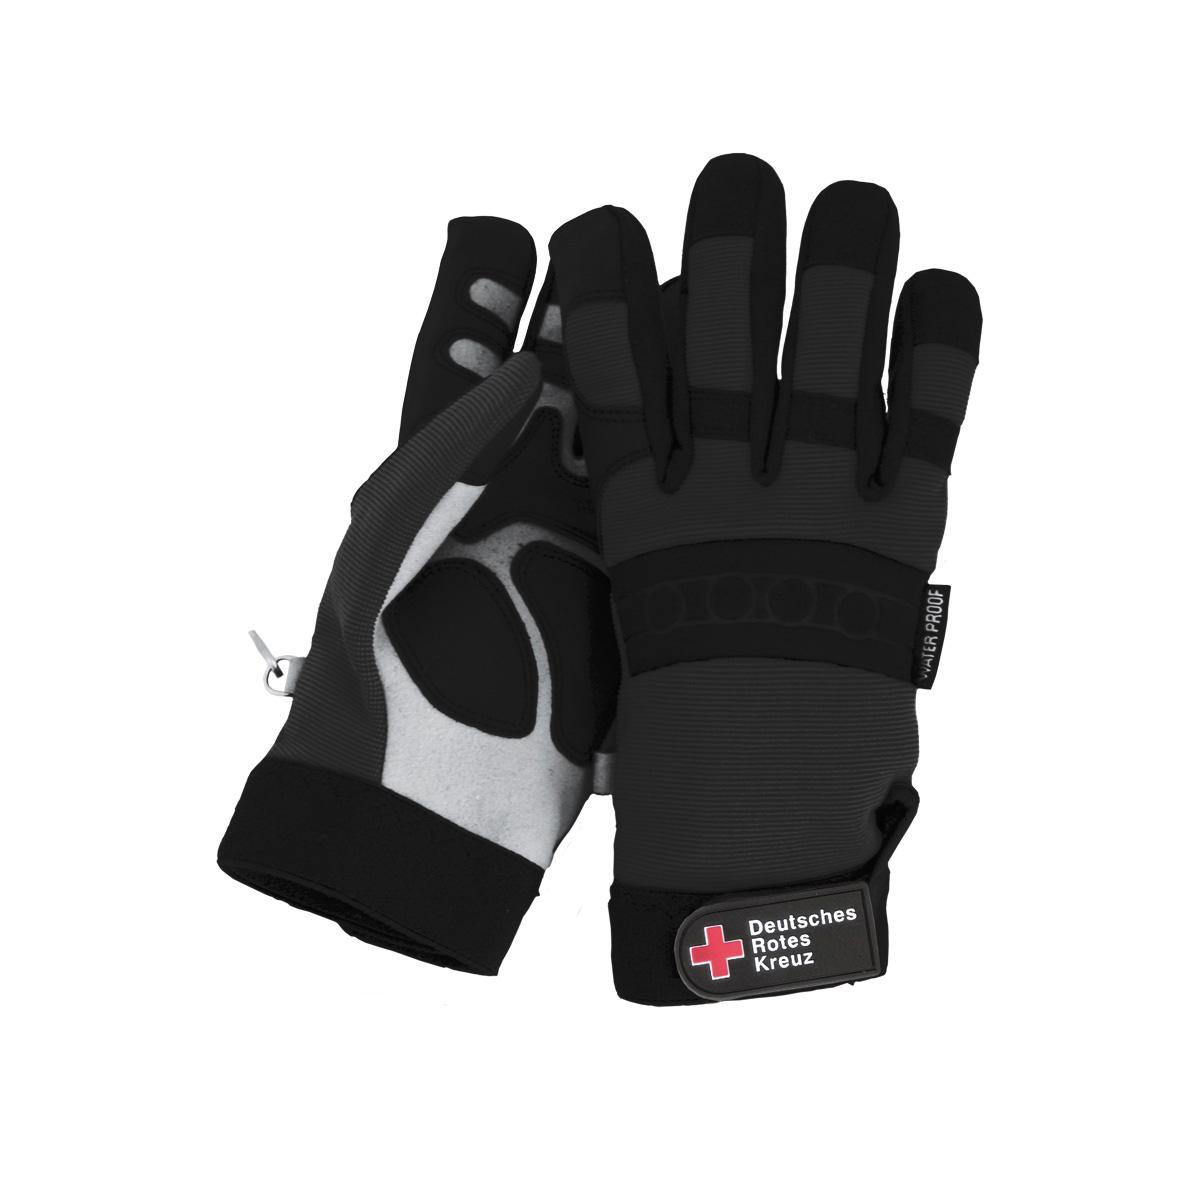 DRK-Einsatzhandschuhe in schwarz